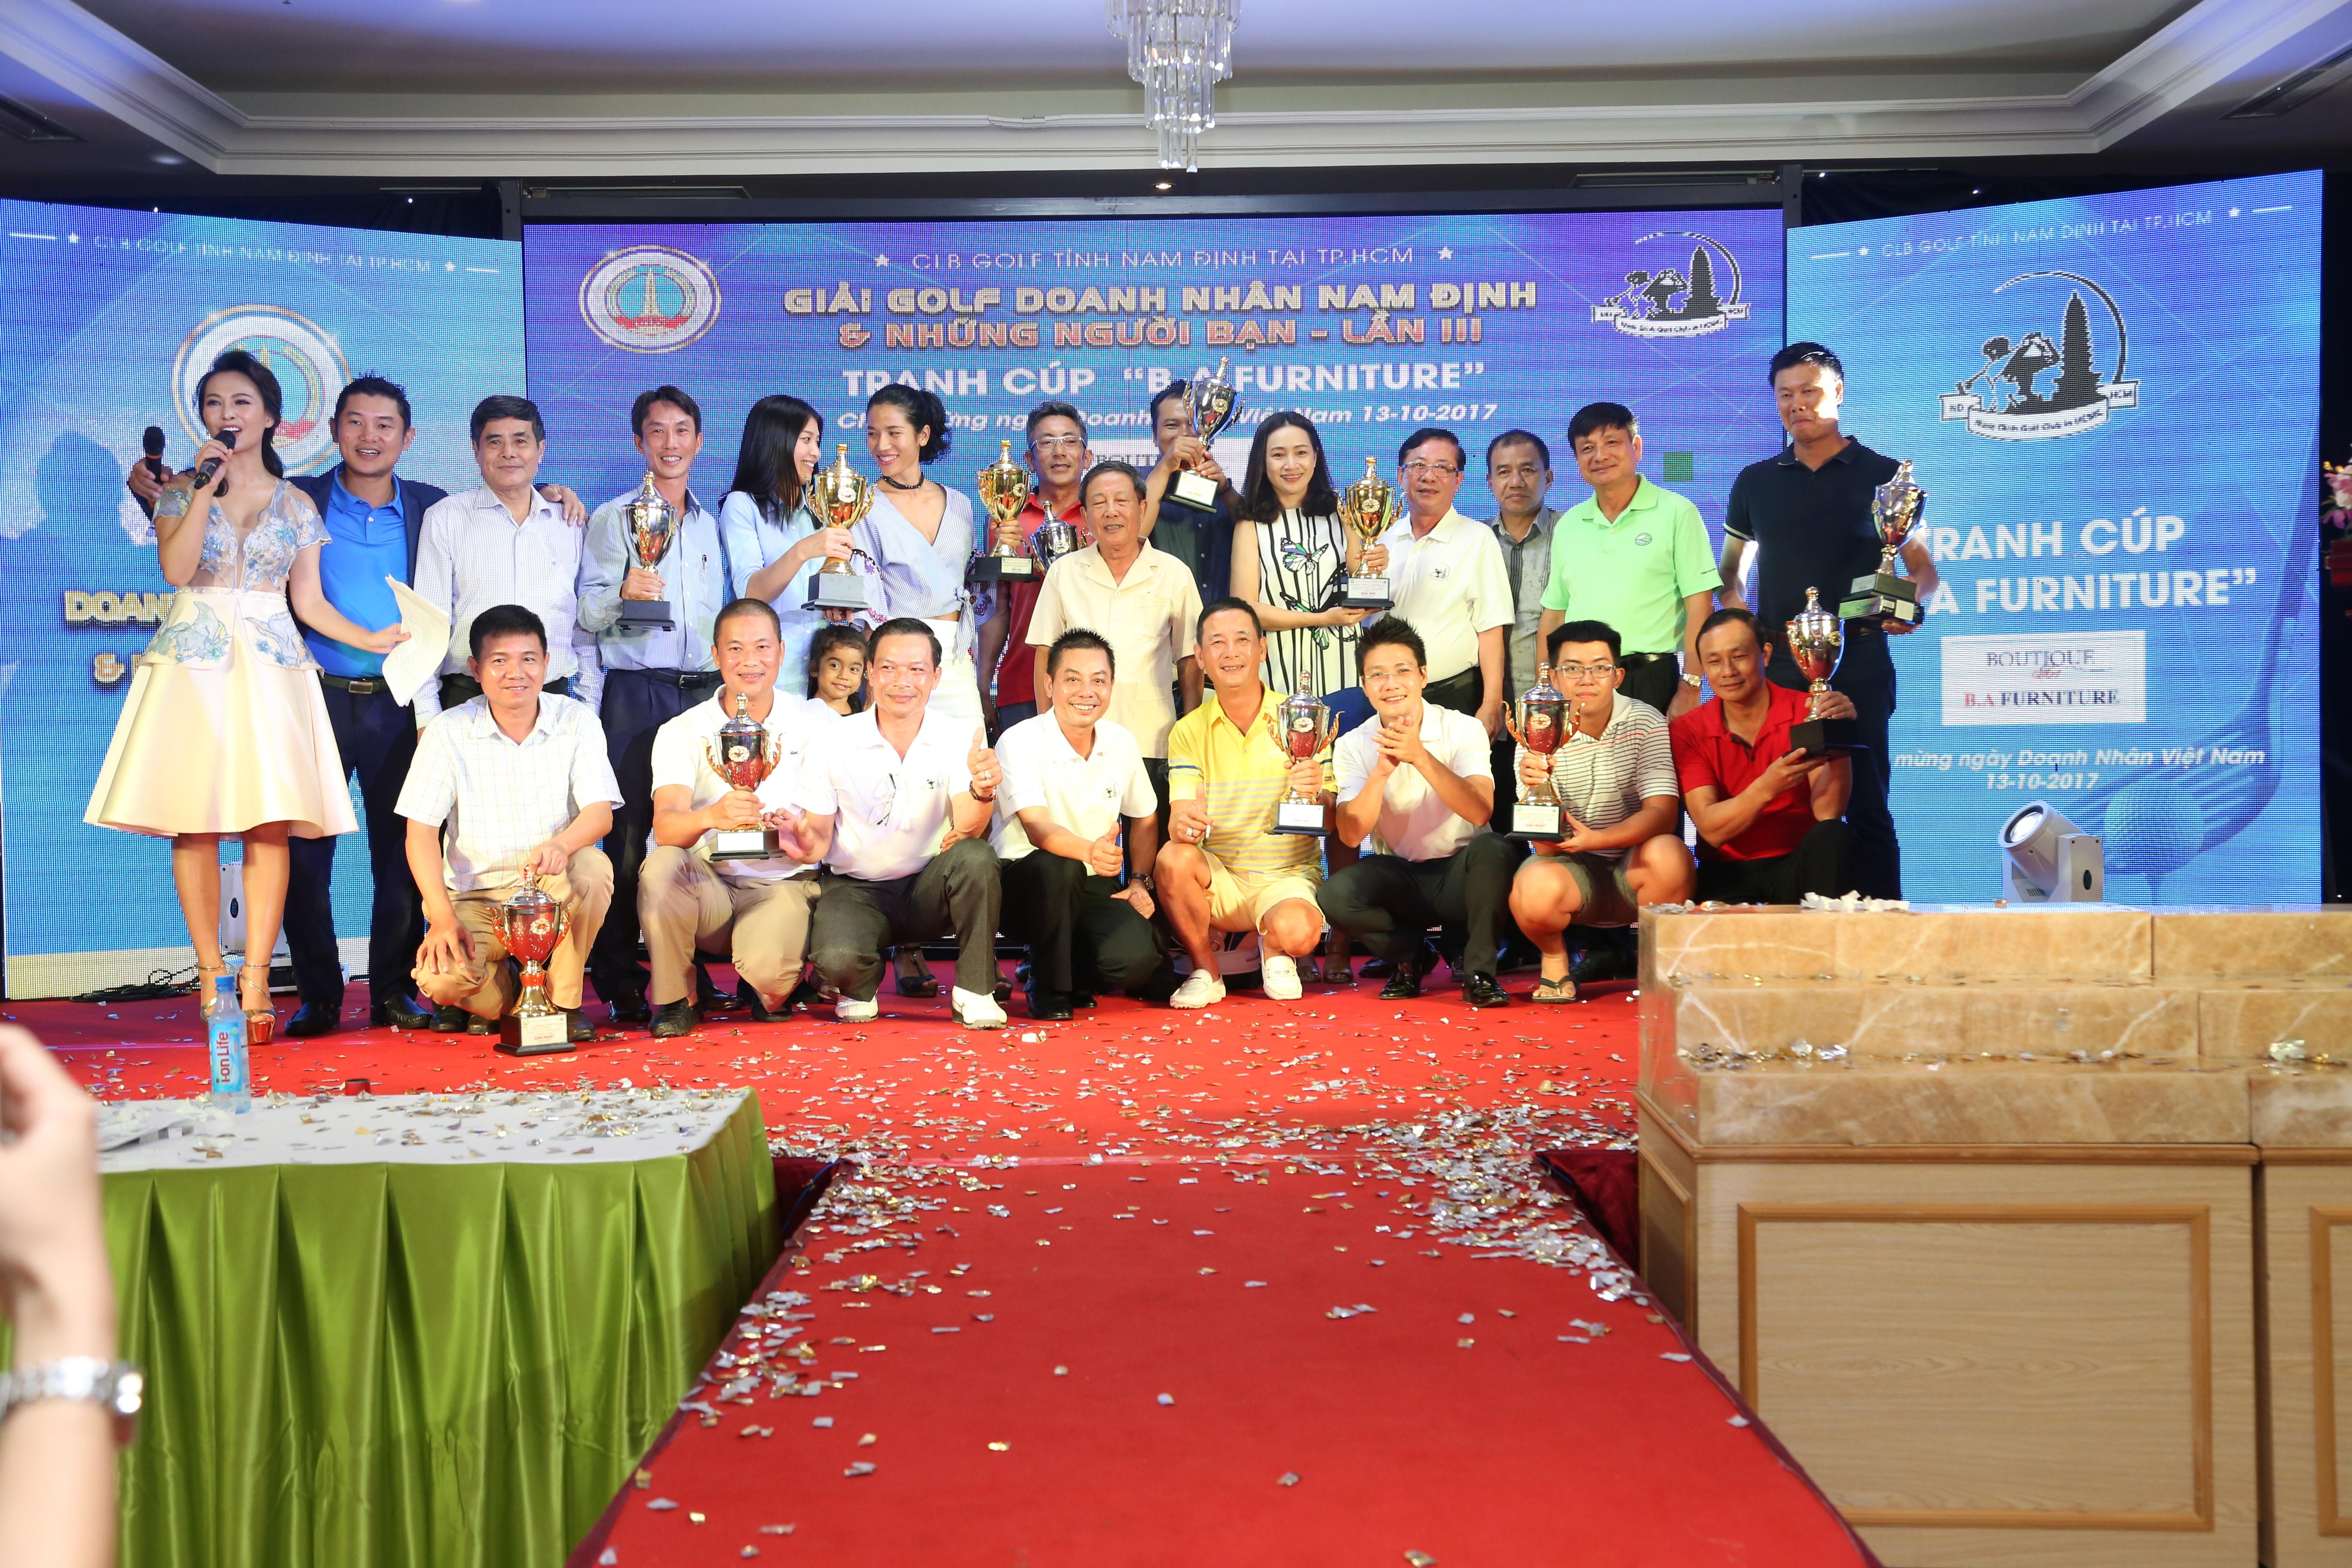 Giải Golf Doanh Nhân Nam Định & Những Người Bạn